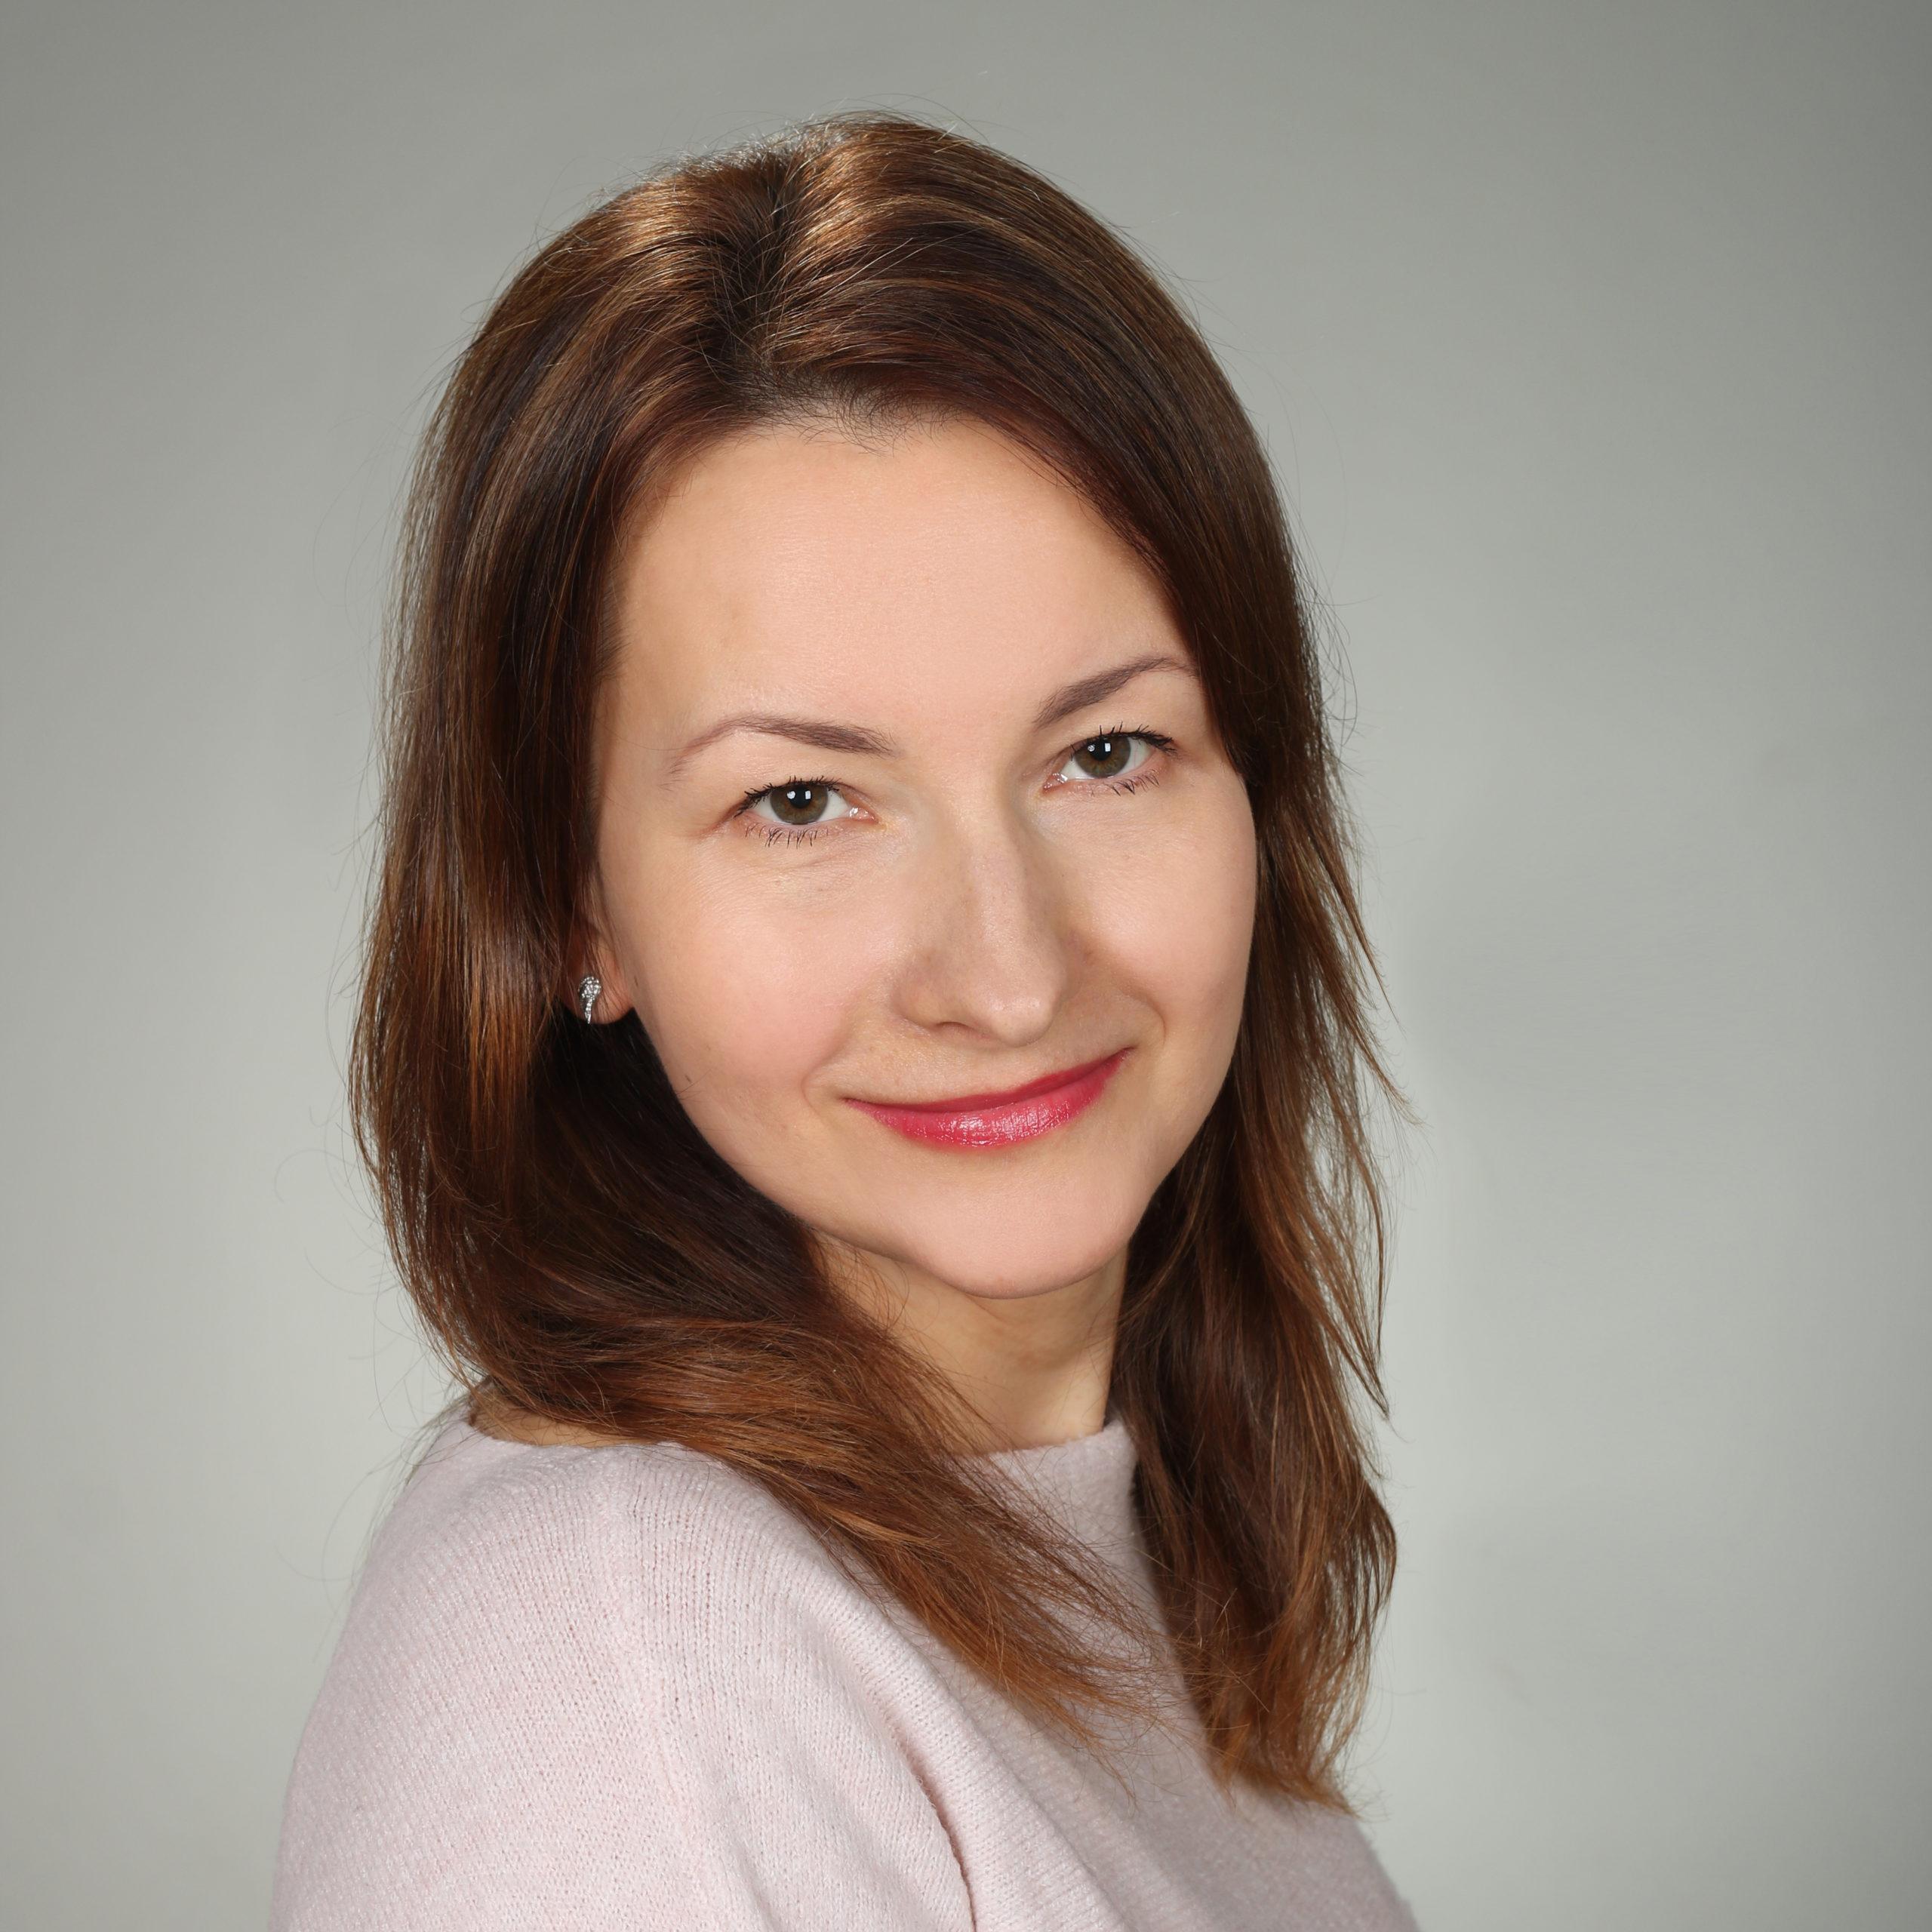 Linda Skrzypczak